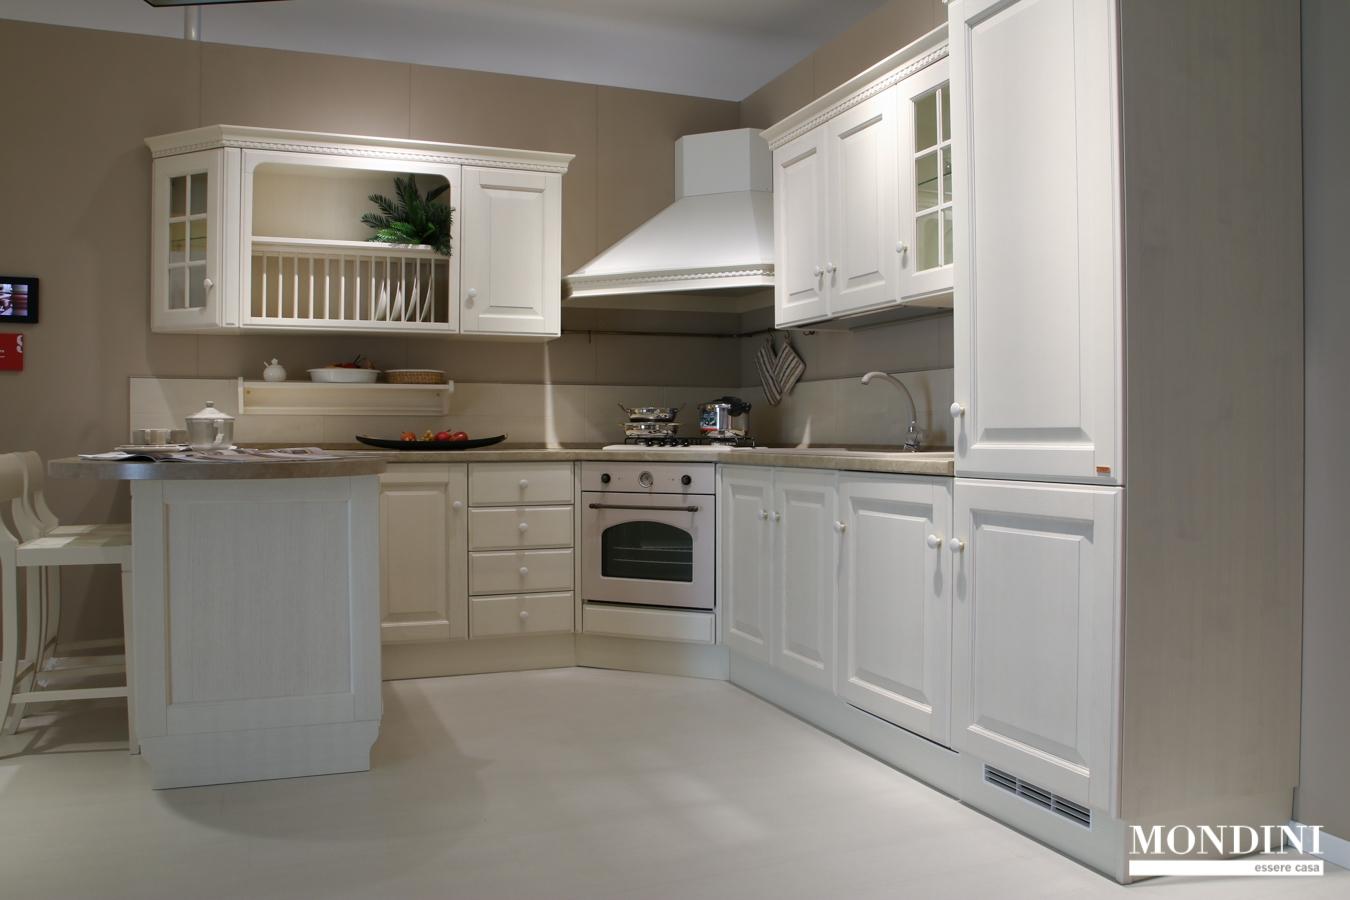 Cucina con penisola Scavolini modello Baltimora scontata ...